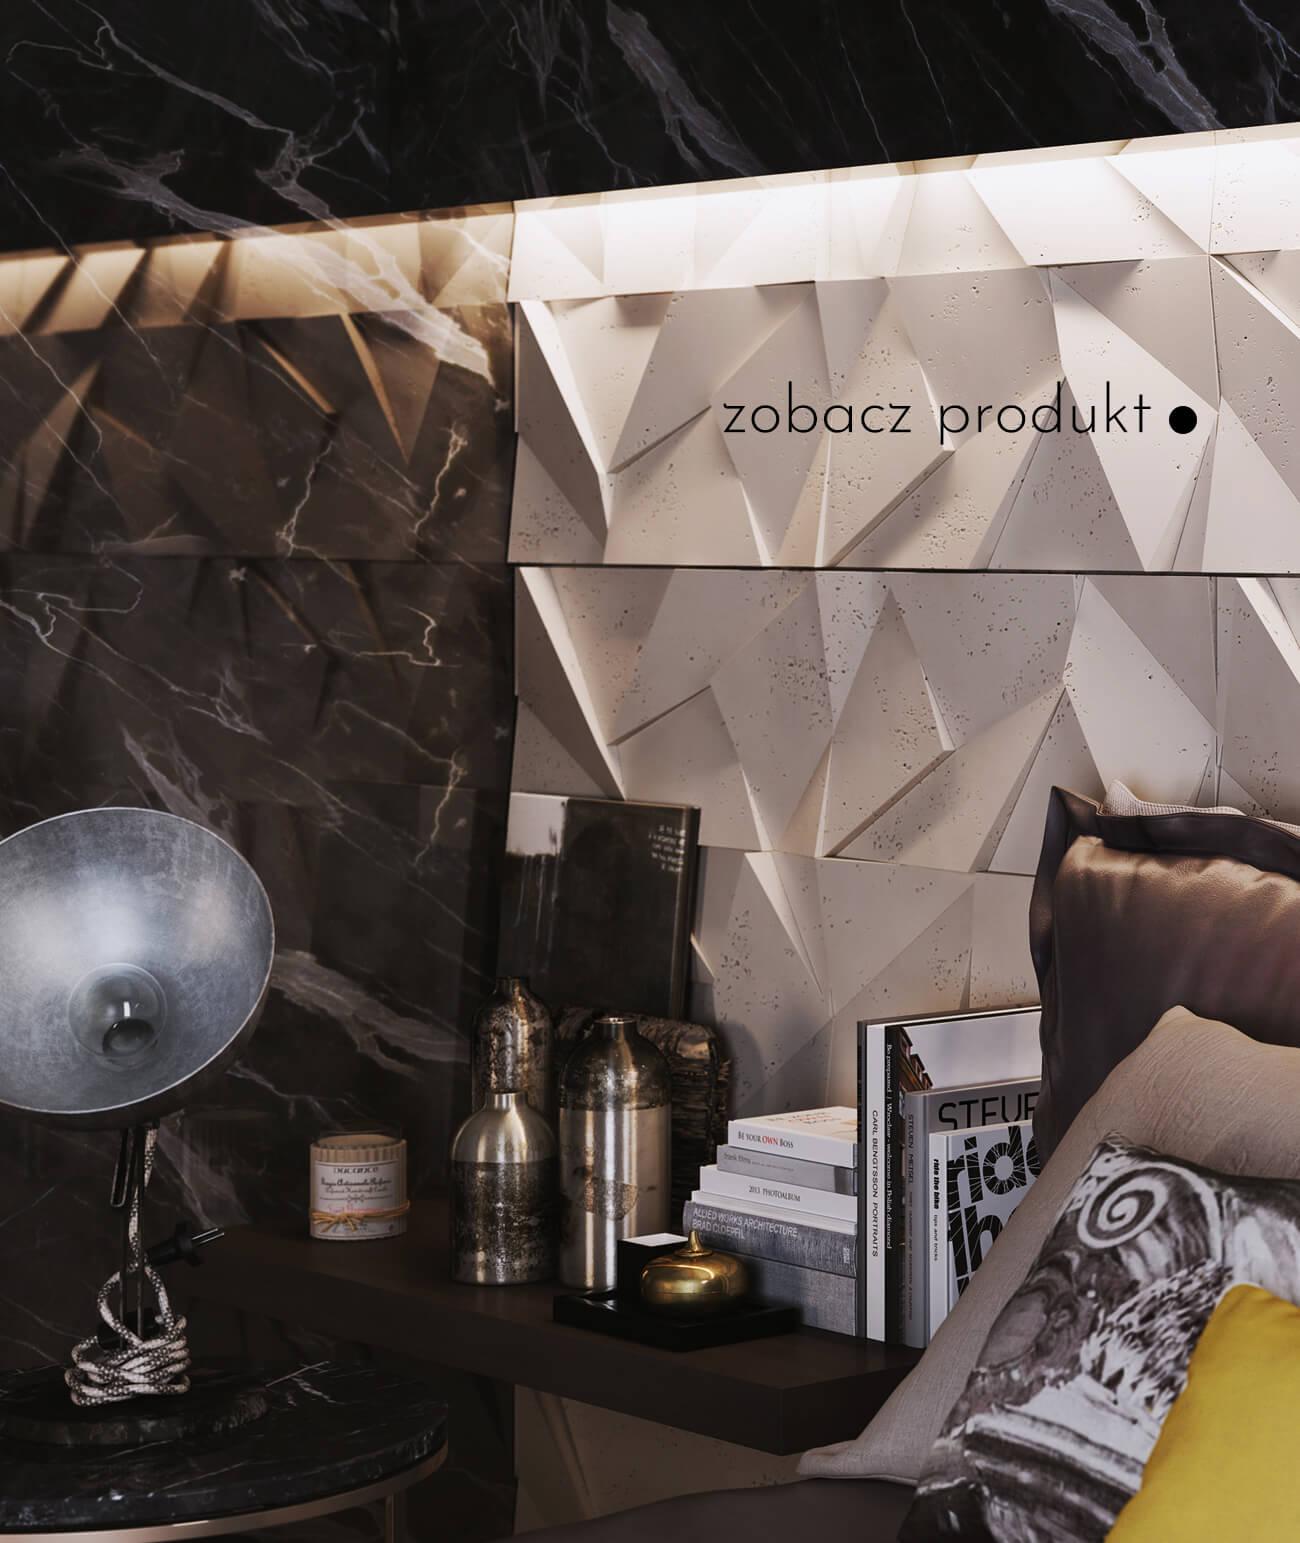 panele-betonowe-3d-scienne-i-elewacyjne-beton-architektoniczny_330-1792-pb06-b0-bialy-origami---panel-dekor-3d-beton-architektoniczny-panel-scienny